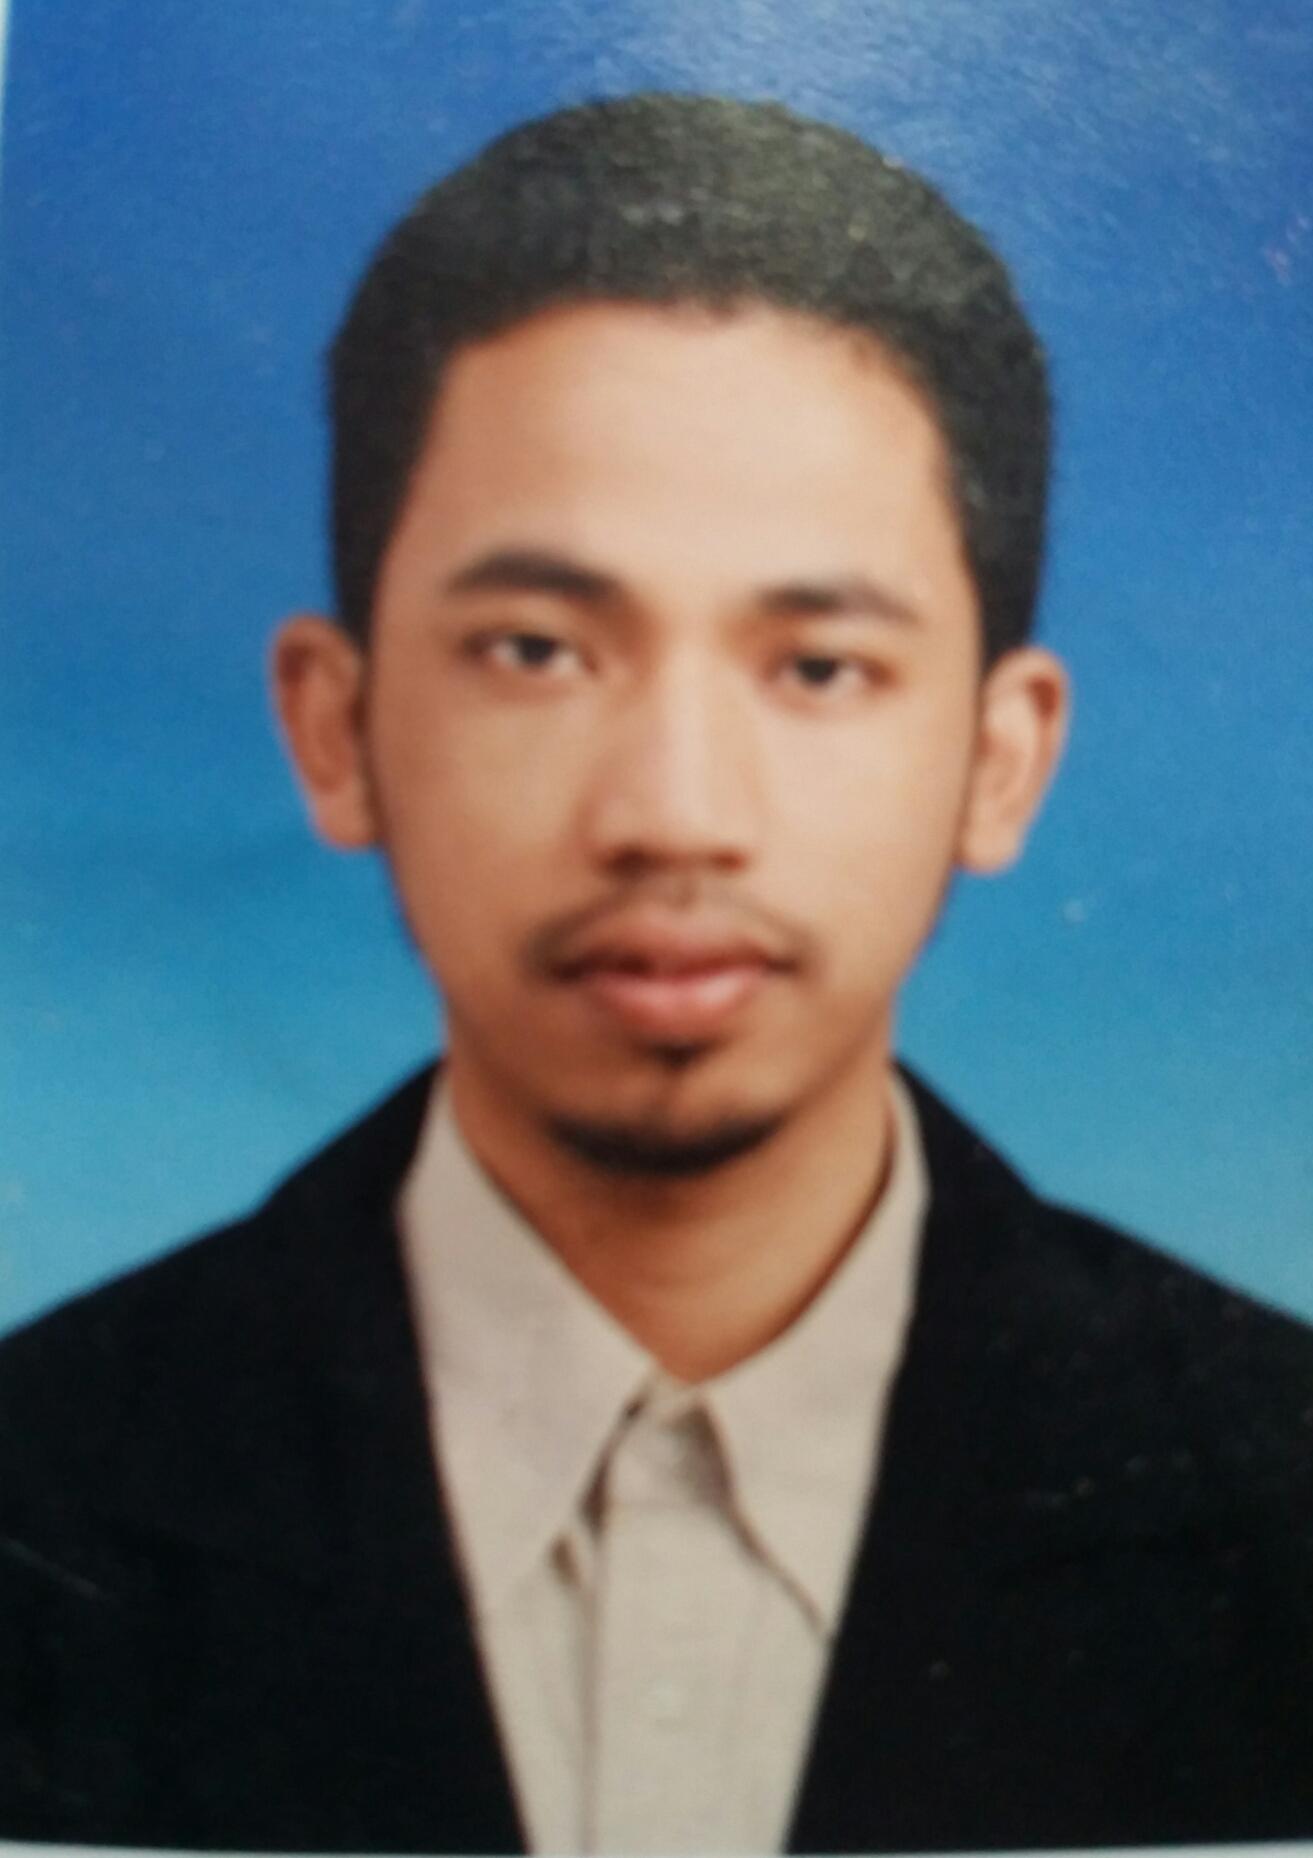 Mohd Nuruddin Hussin